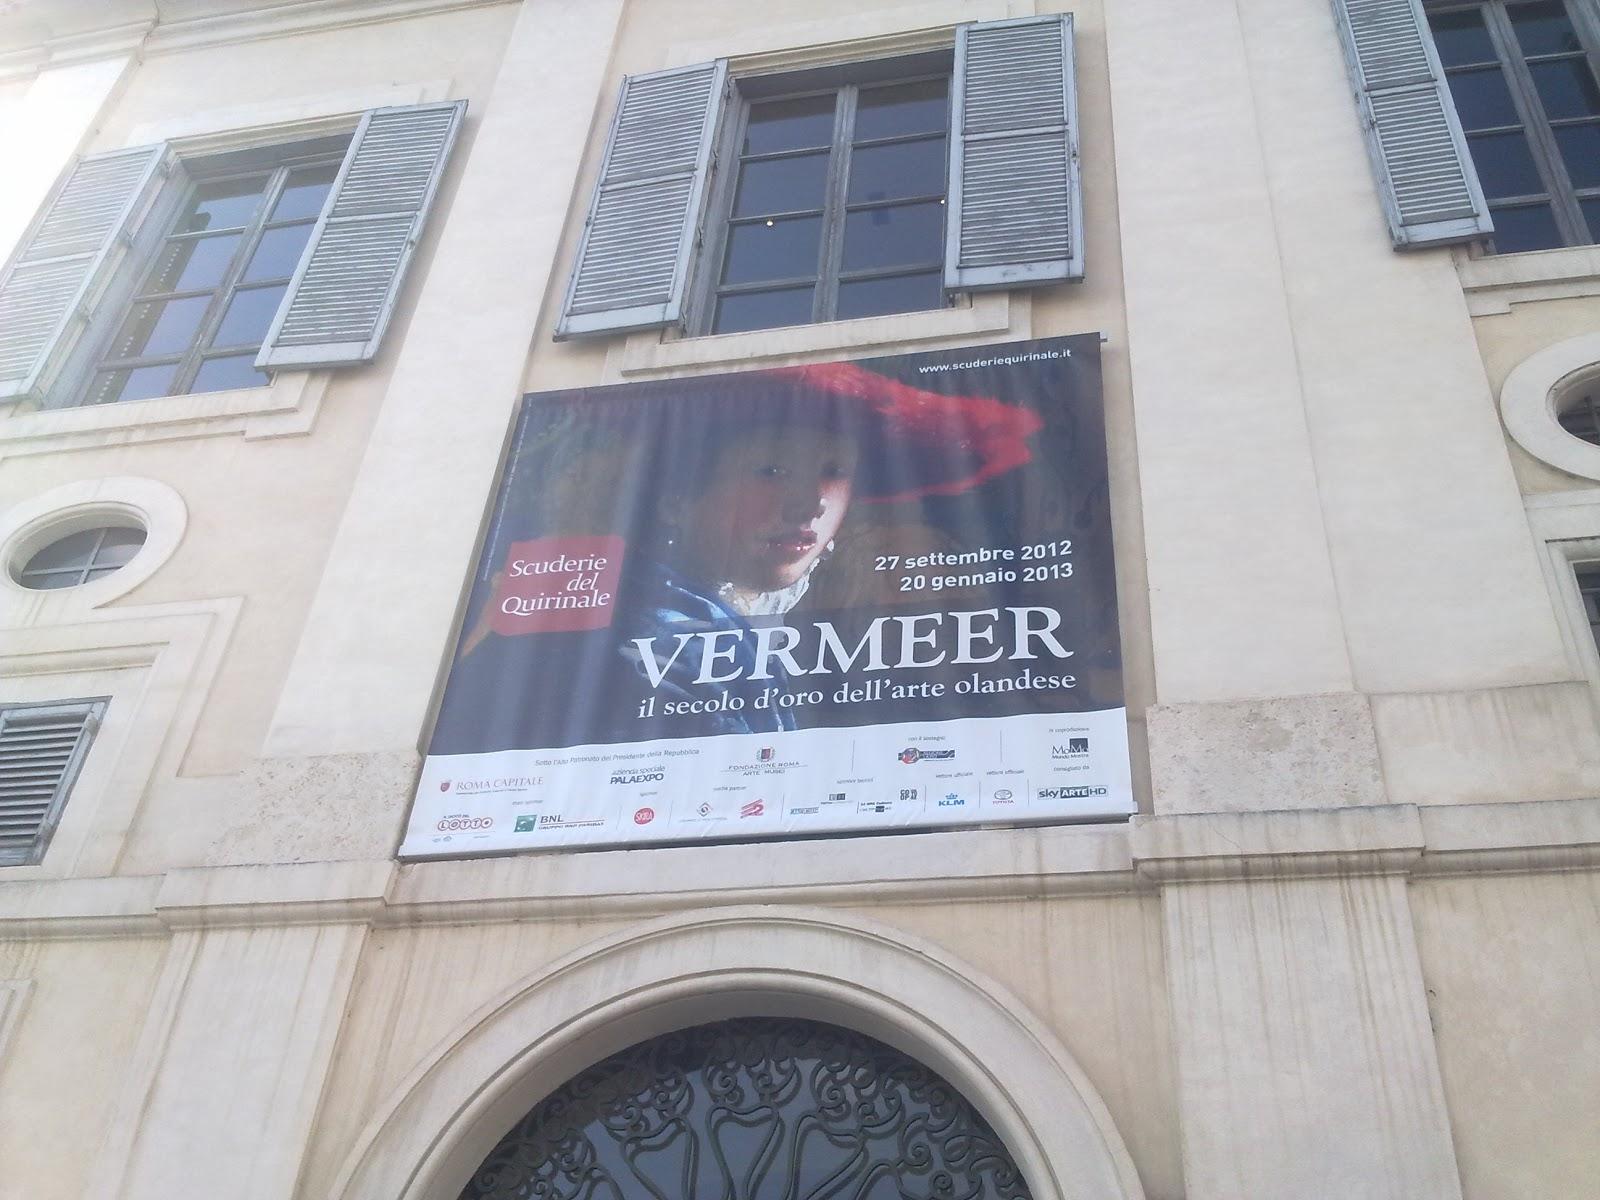 LUNEDÌ 10 DICEMBRE 2012 LE MOSTRE: VERMEER. IL SECOLO D'ORO DELL'ARTE OLANDESE